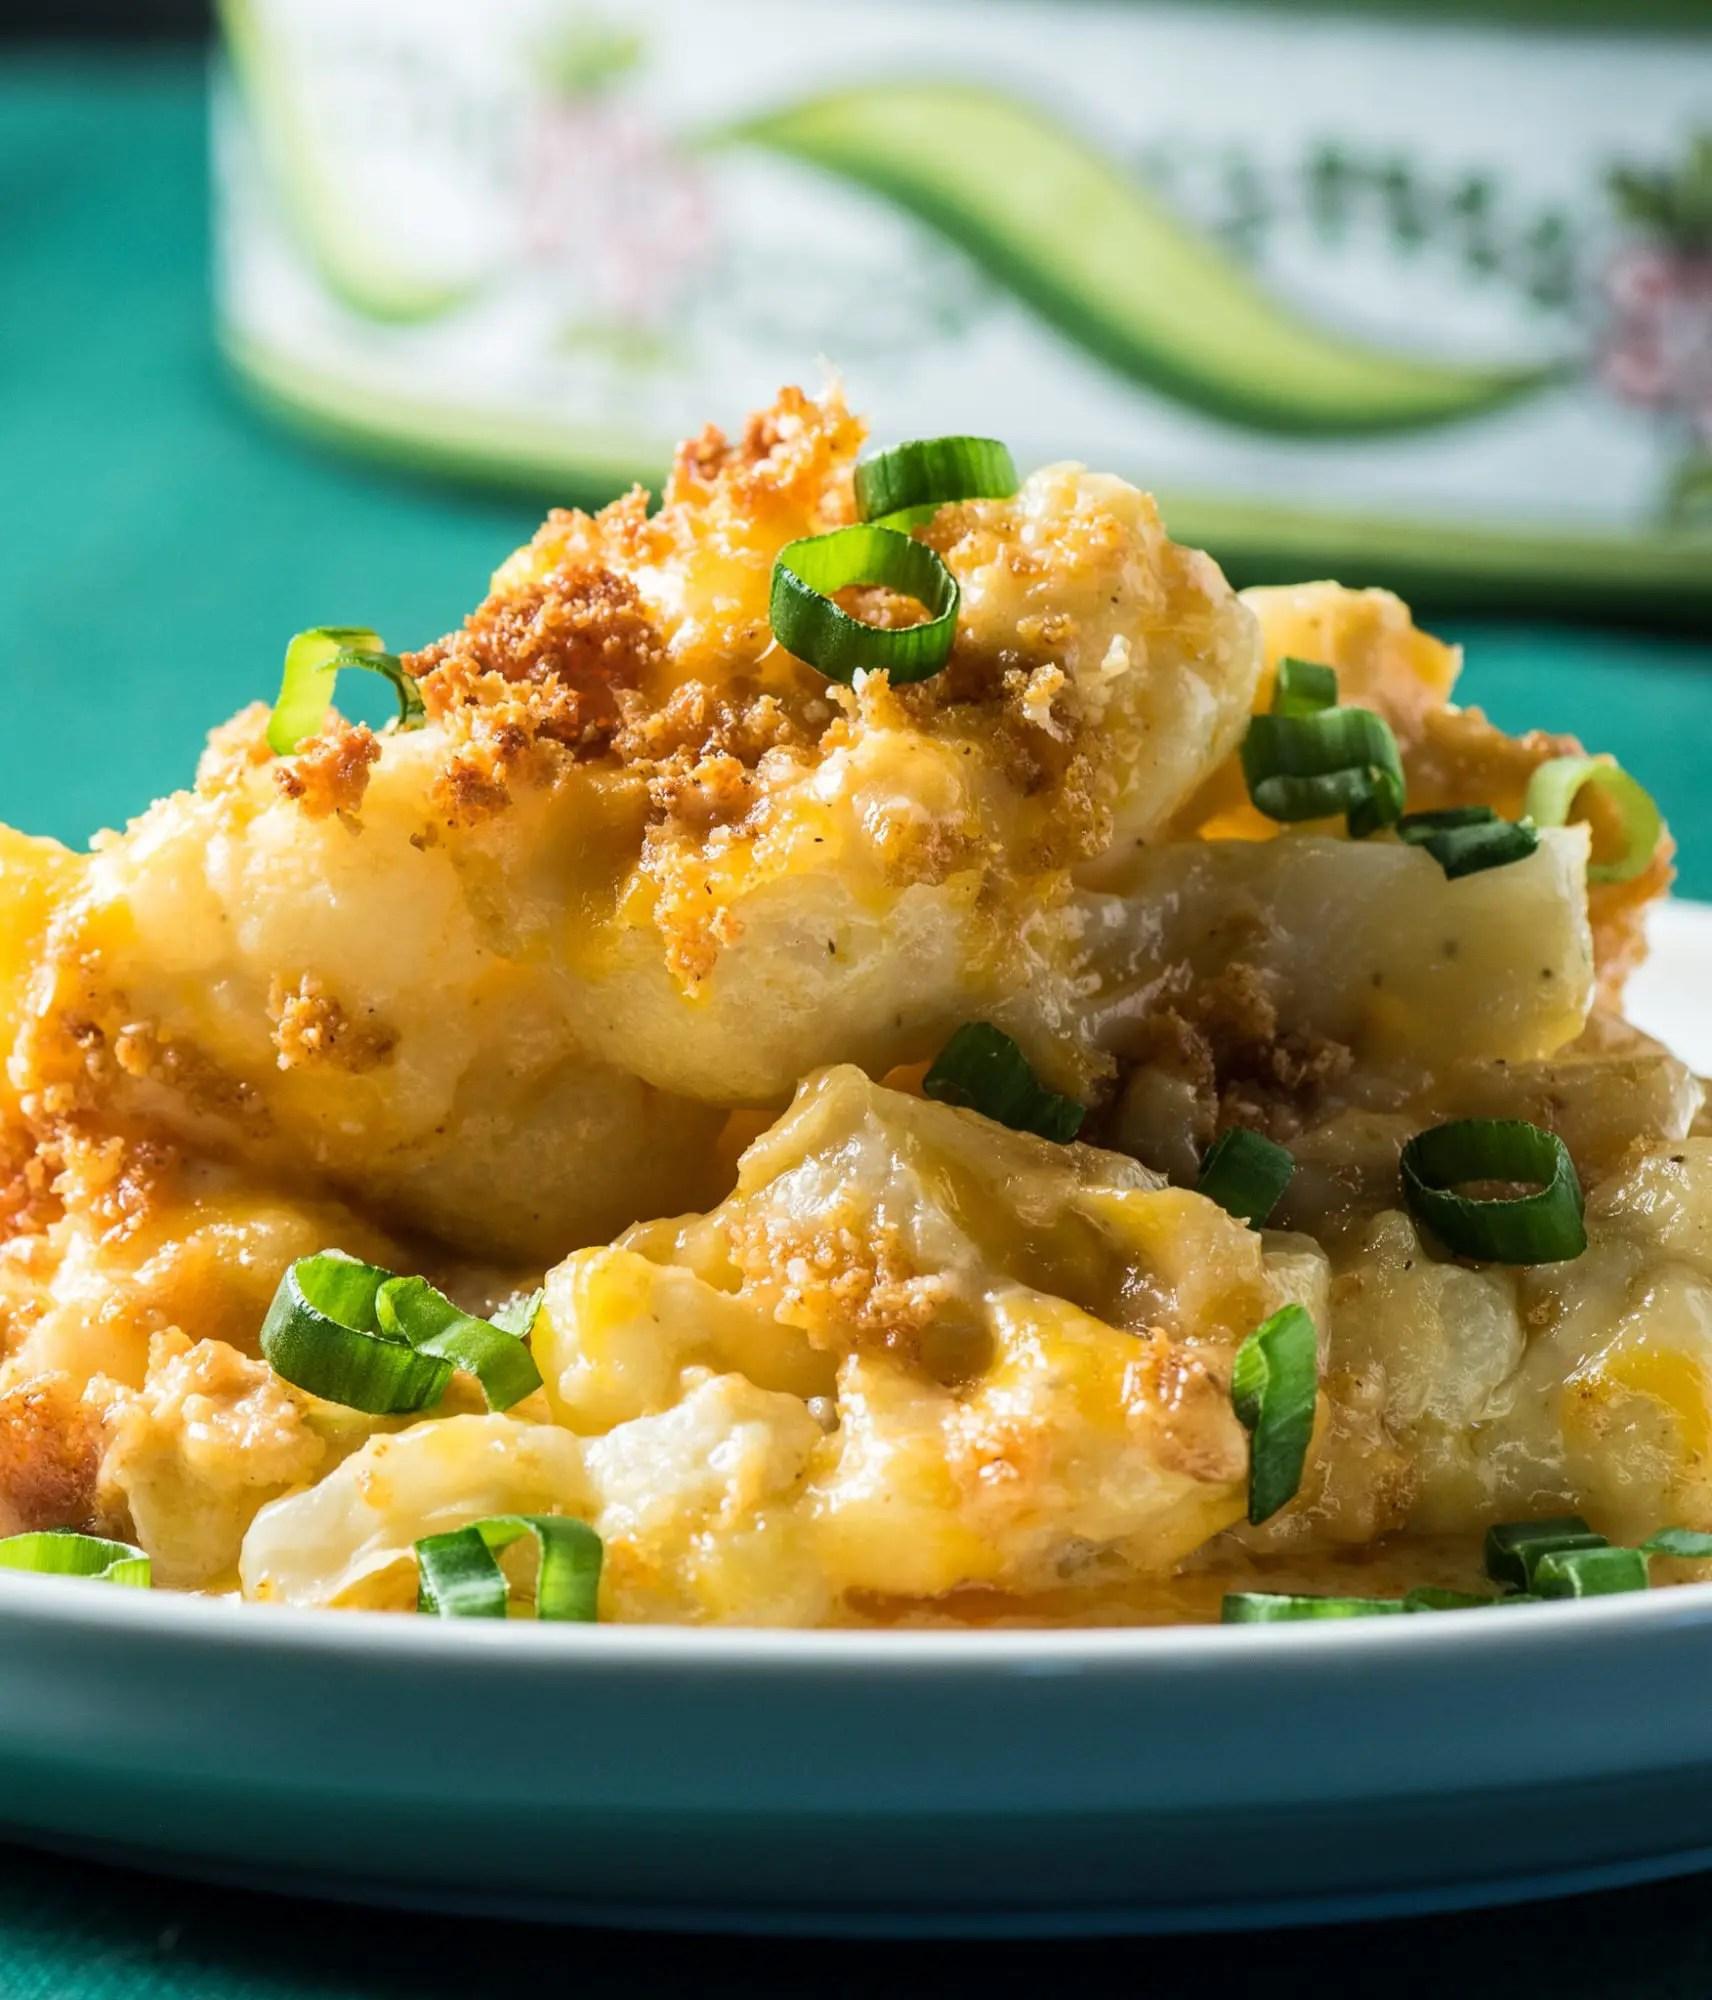 Low Carb Cauliflower Au Gratin - Tasty Low Carb